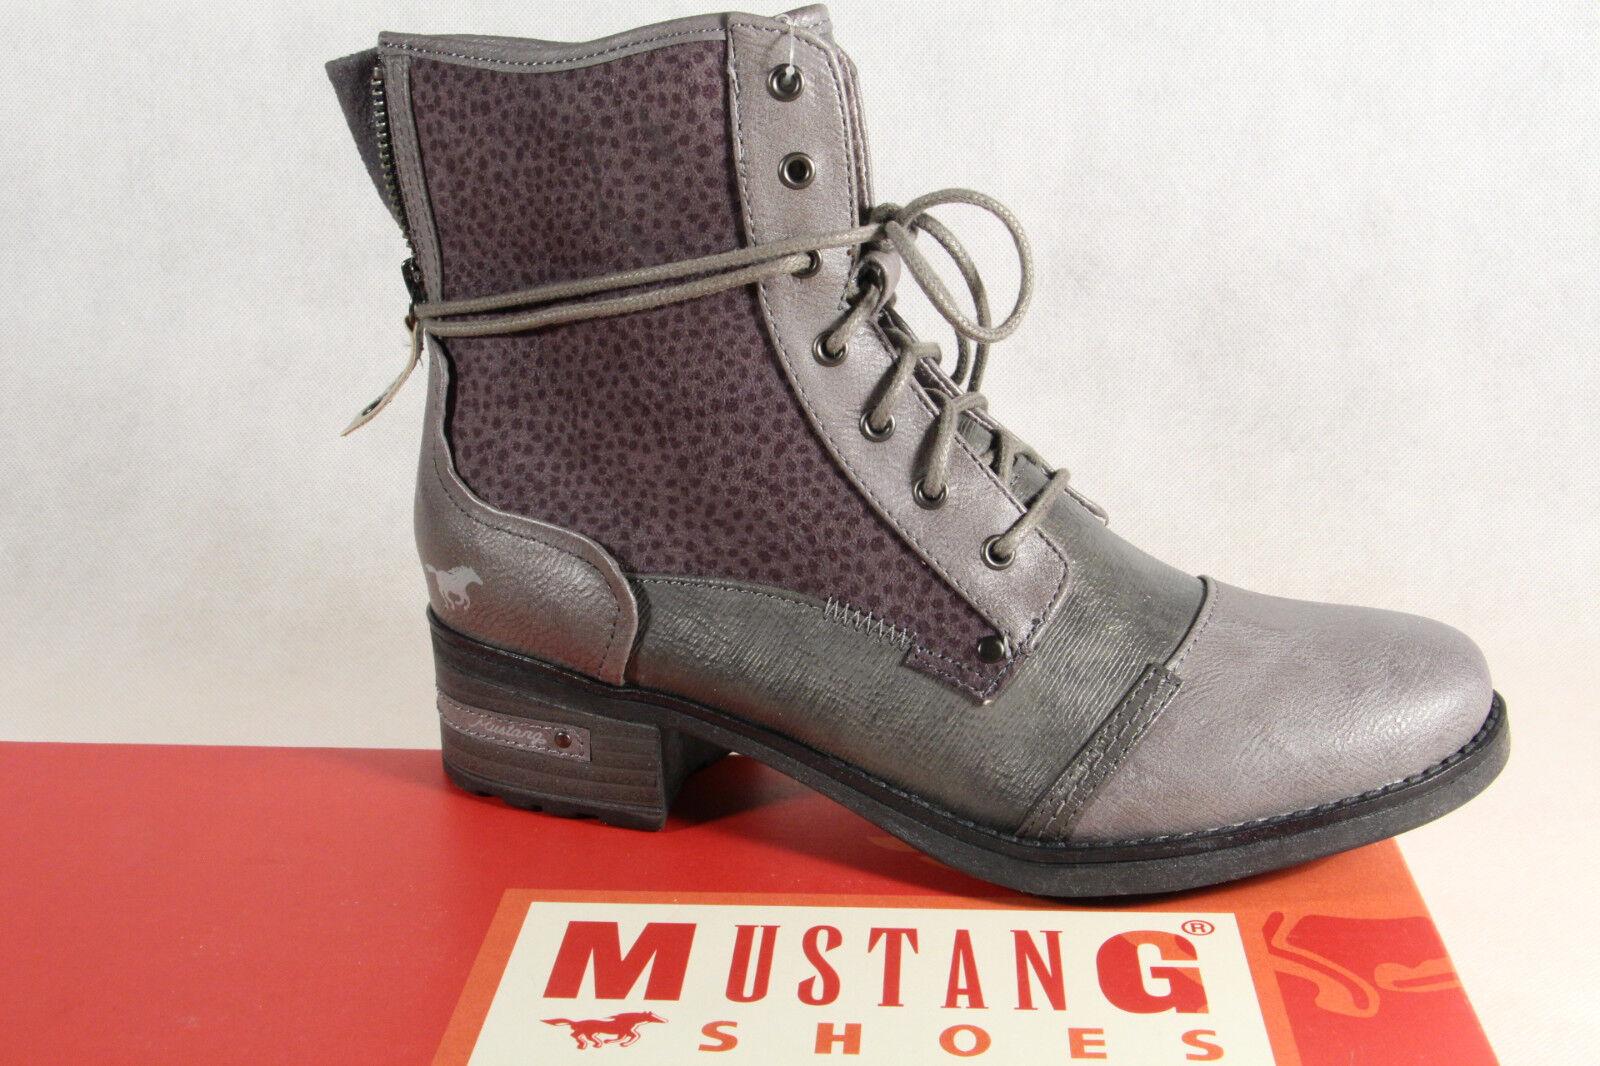 Mustang Stiefel Stiefeletten Schnürstiefel Stiefel grau 1229 NEU